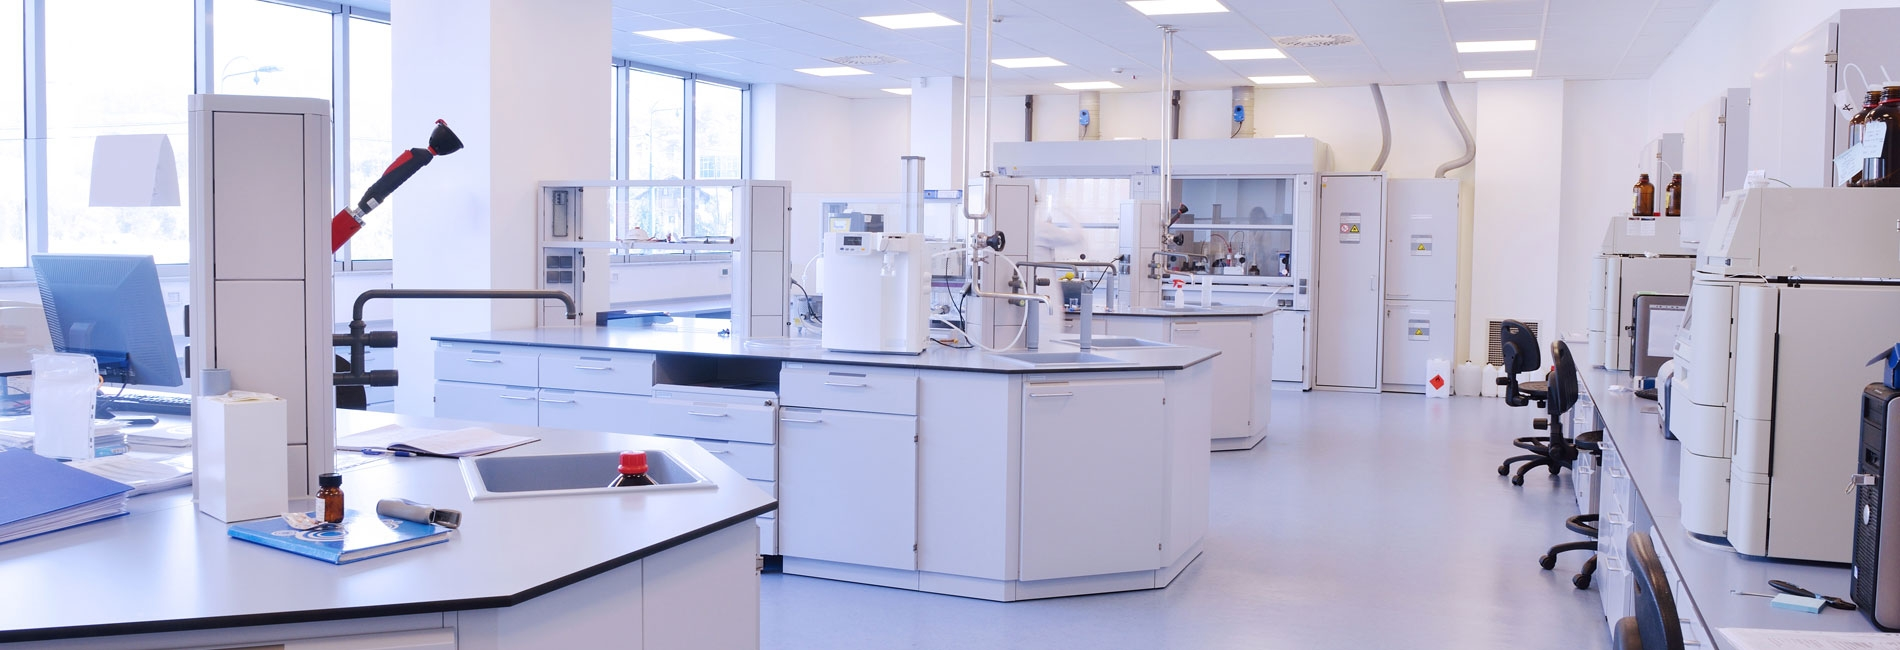 Schoonmaakwerkzaamheden laboratoria